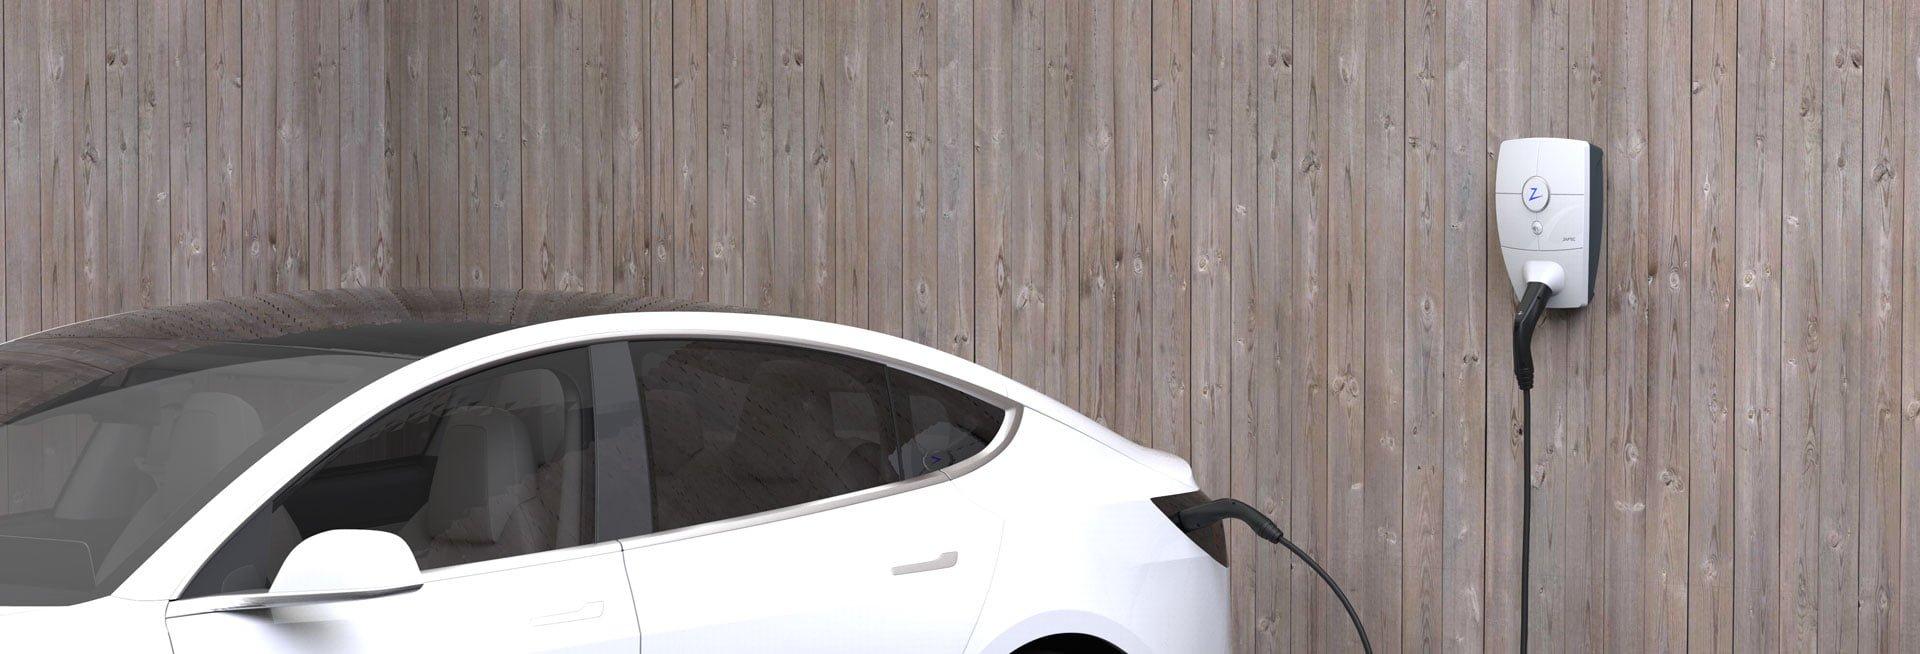 Derfor bør du investere i ladestasjon for elbil | A.M.